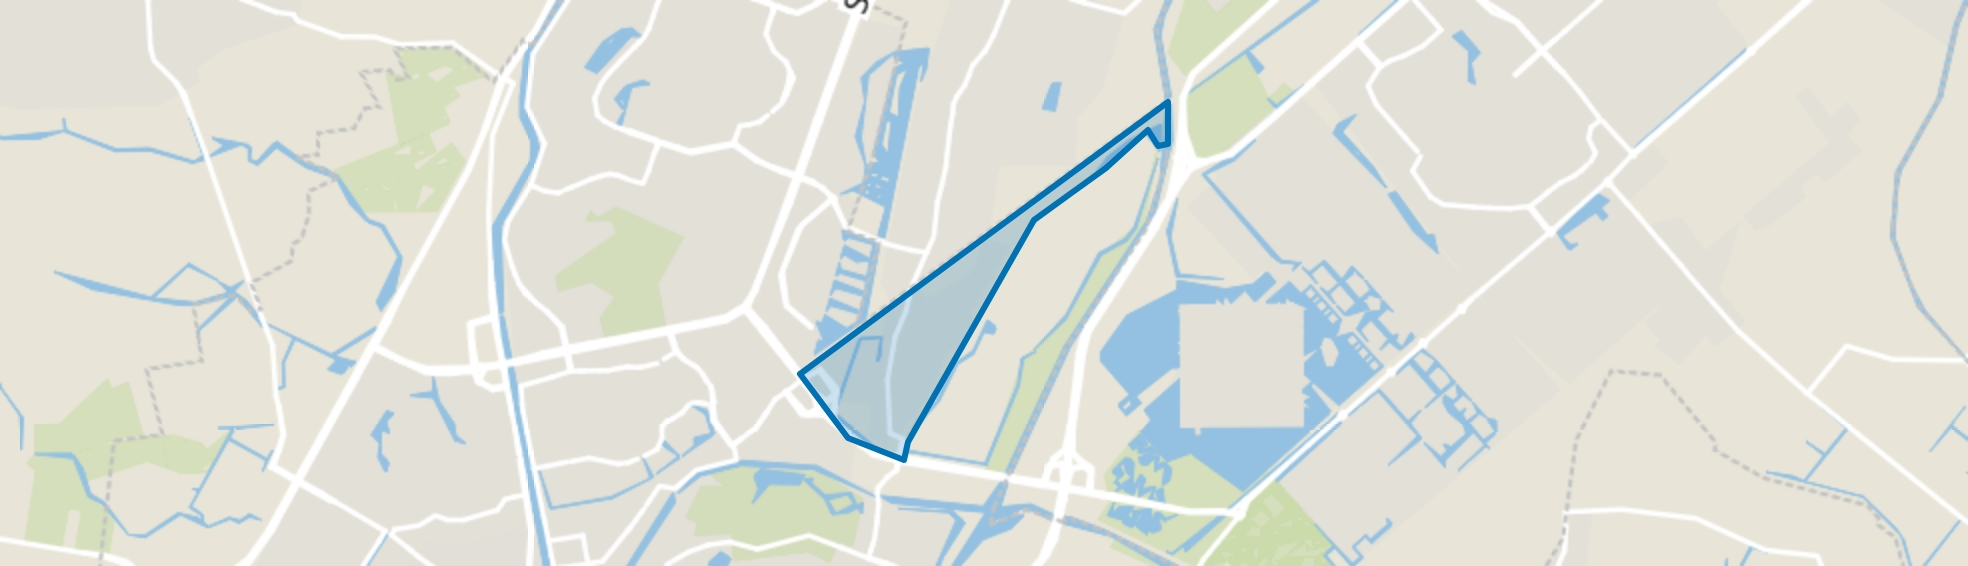 De Nollen, Alkmaar map